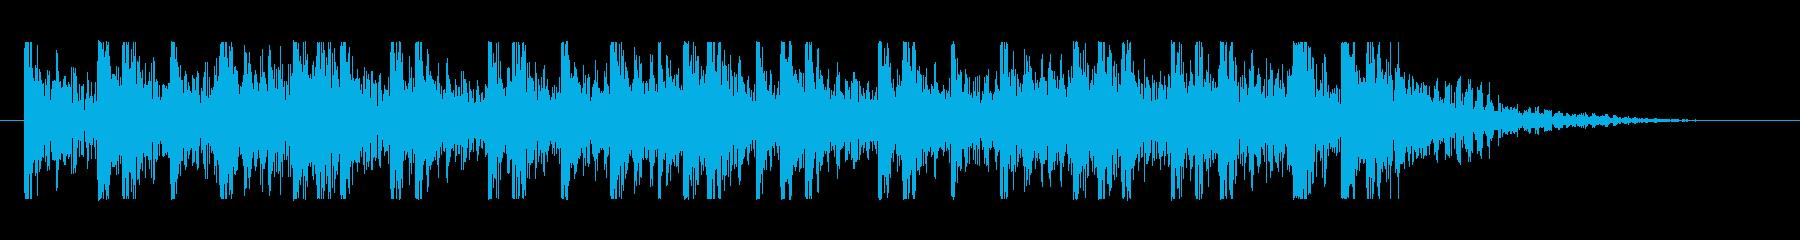 和太鼓を使った勇壮なジングルの再生済みの波形